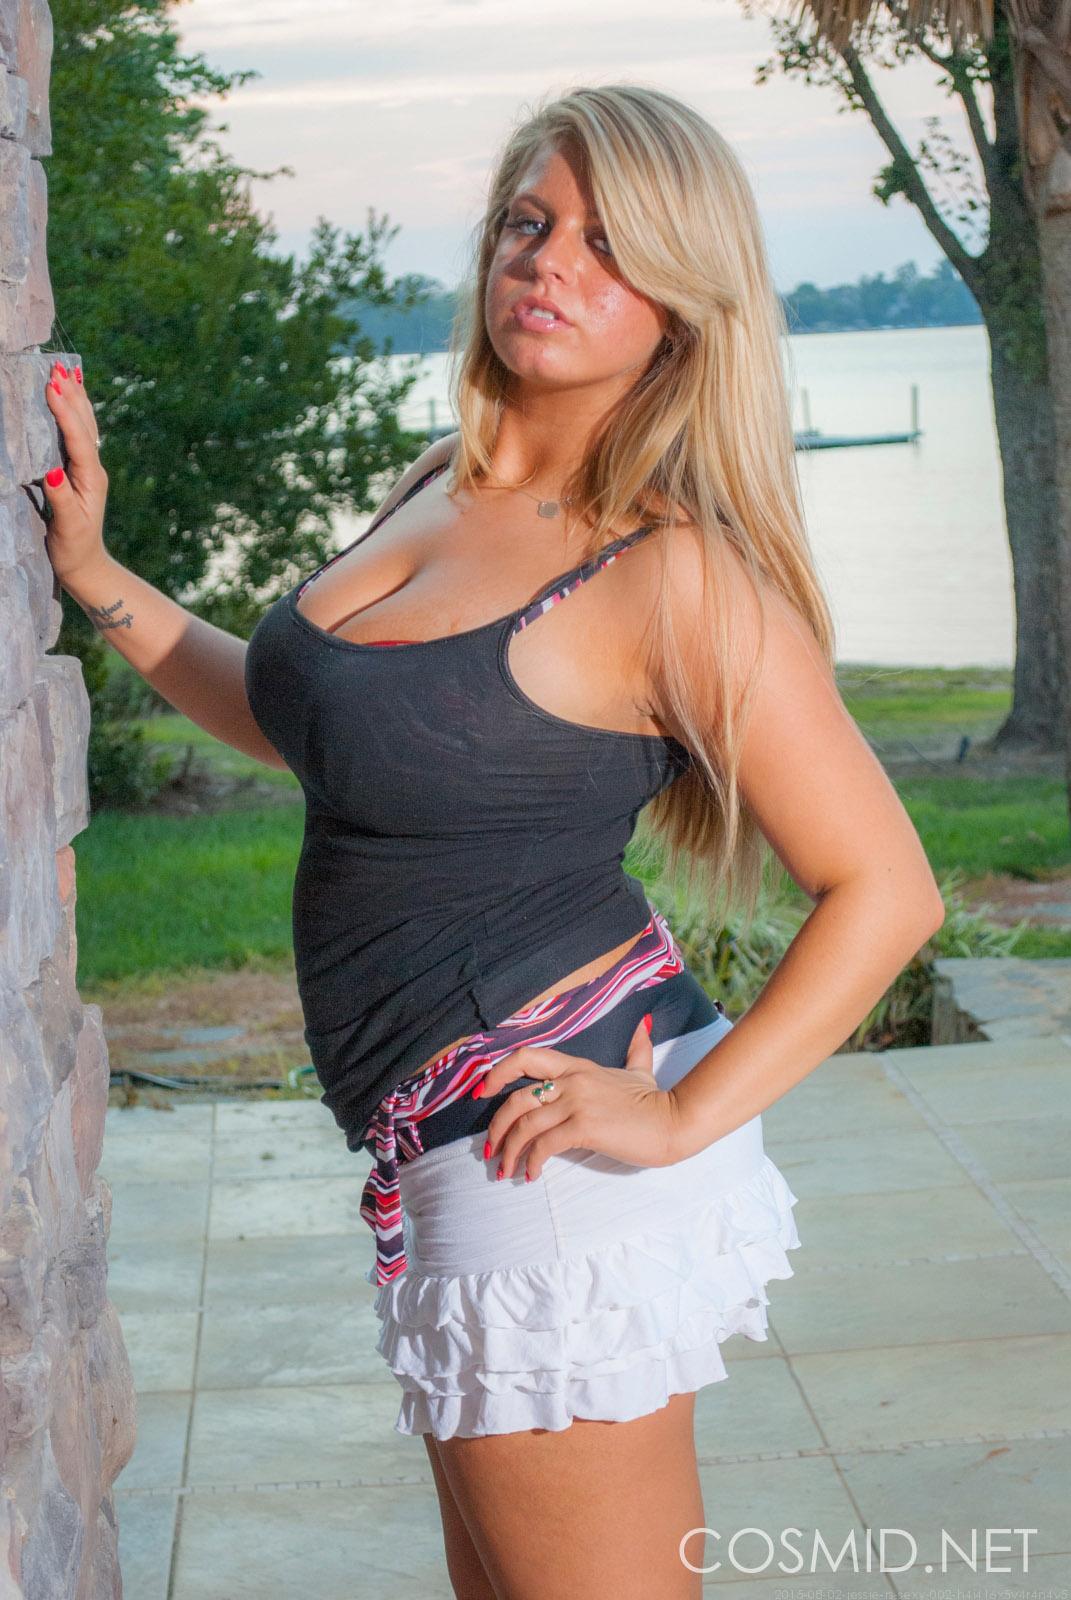 Queensized Beauties 2: Jessi Rhodes